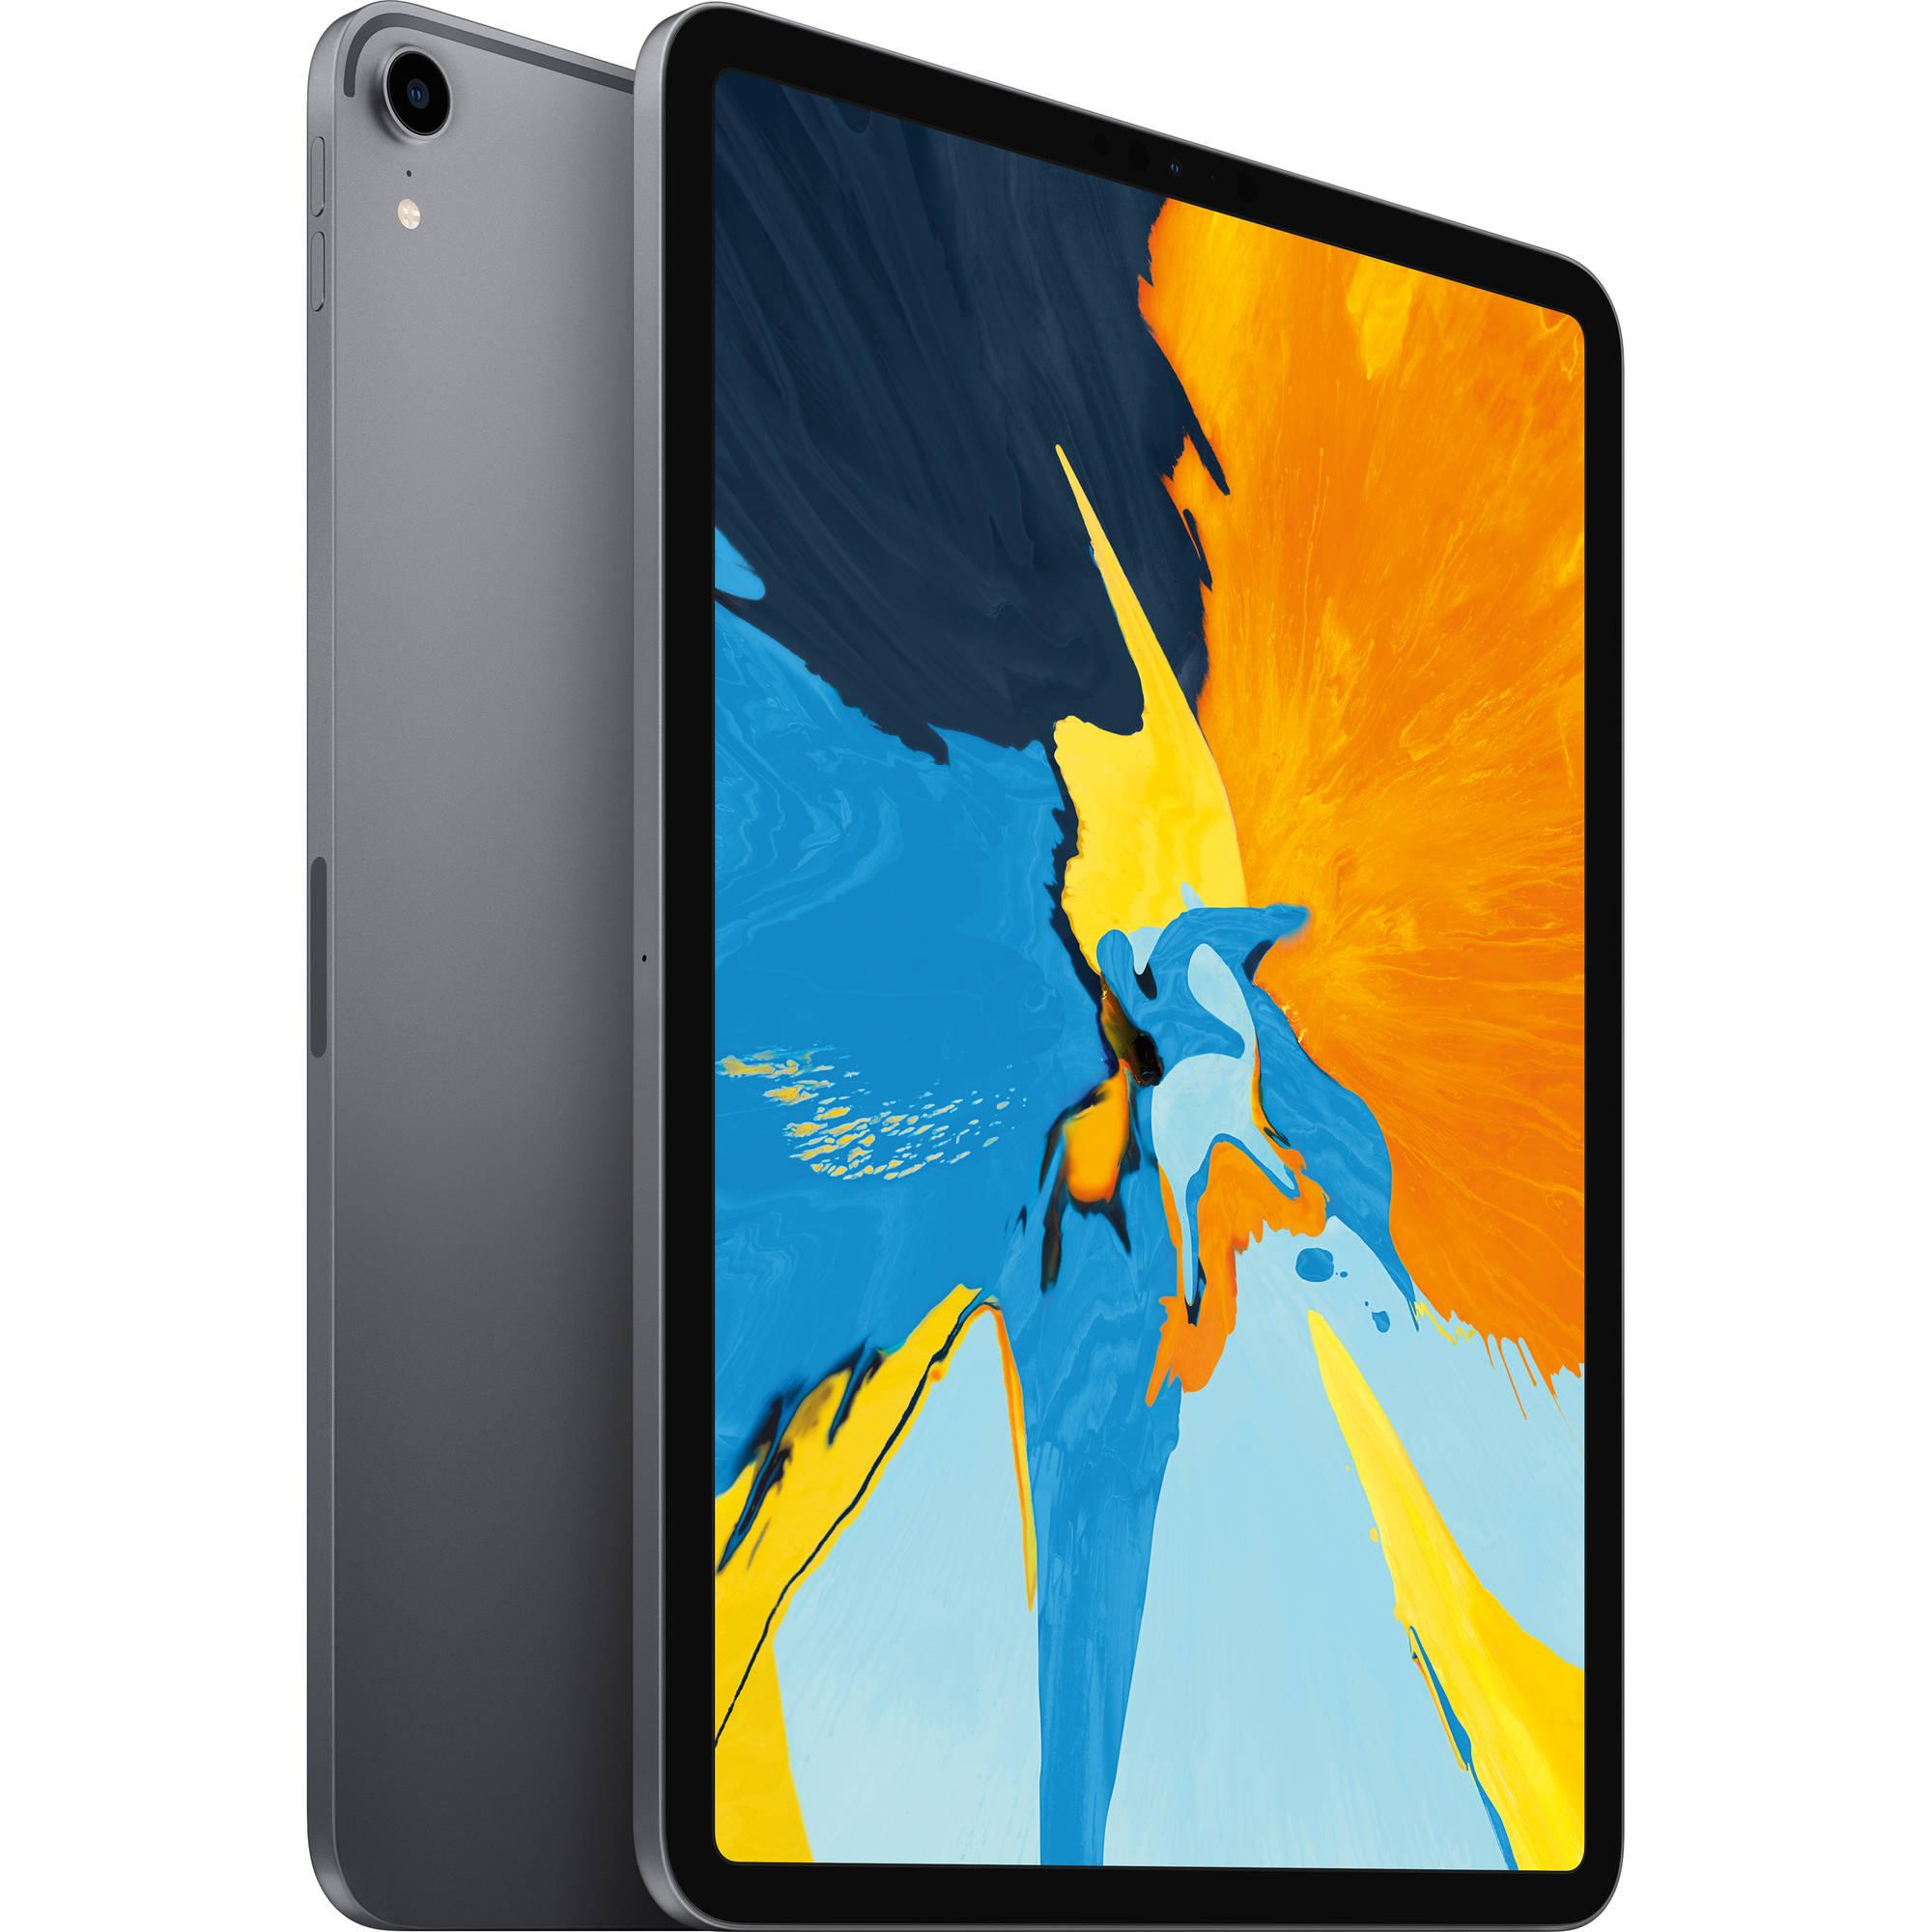 تبلت اپل مدل iPad Pro 2018 11 inch WiFi ظرفیت 256 گیگابایت